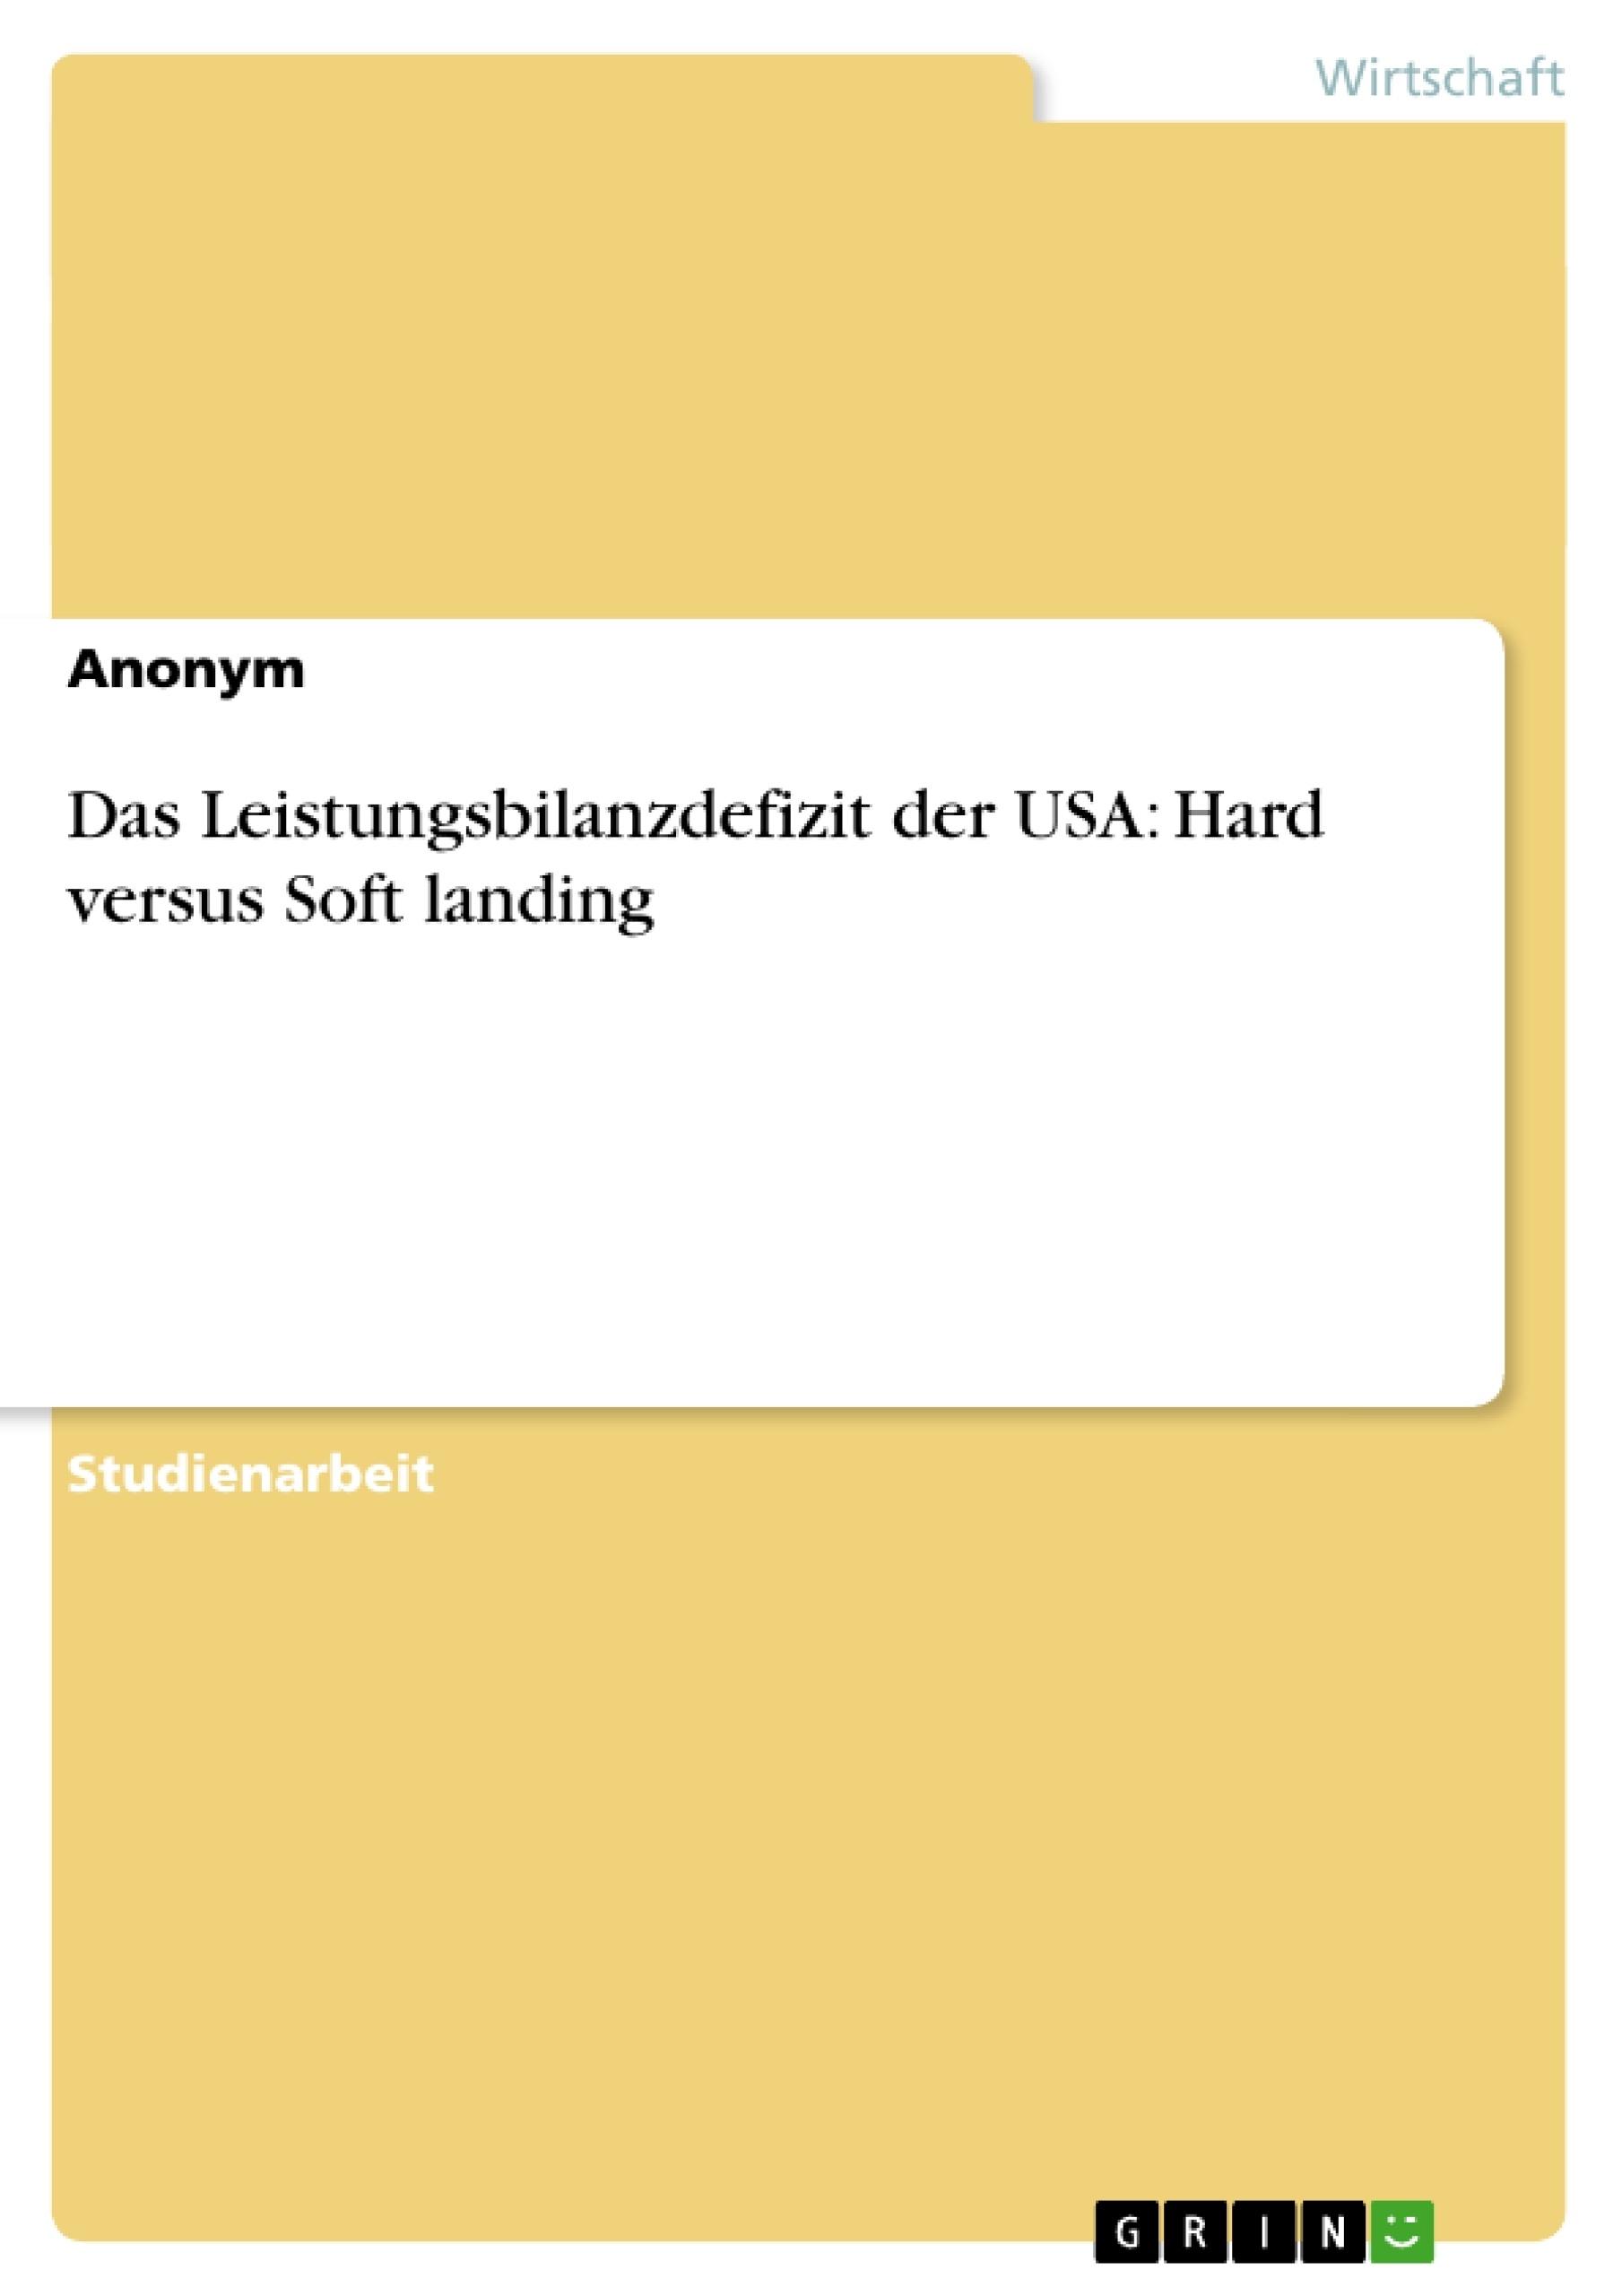 Titel: Das Leistungsbilanzdefizit der USA: Hard versus Soft landing